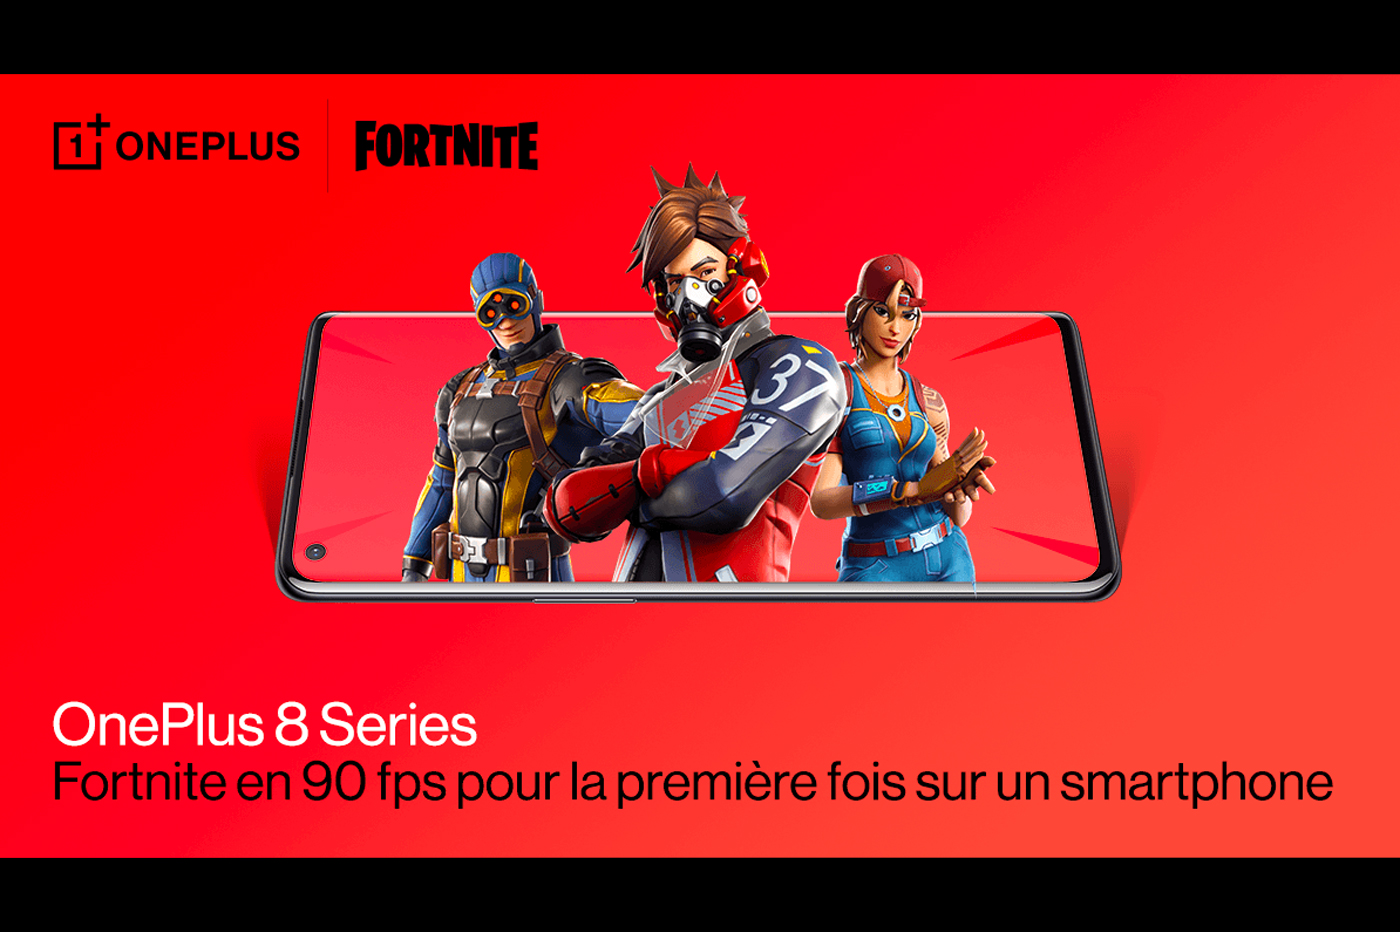 OnePlus Fortnite 90 fps